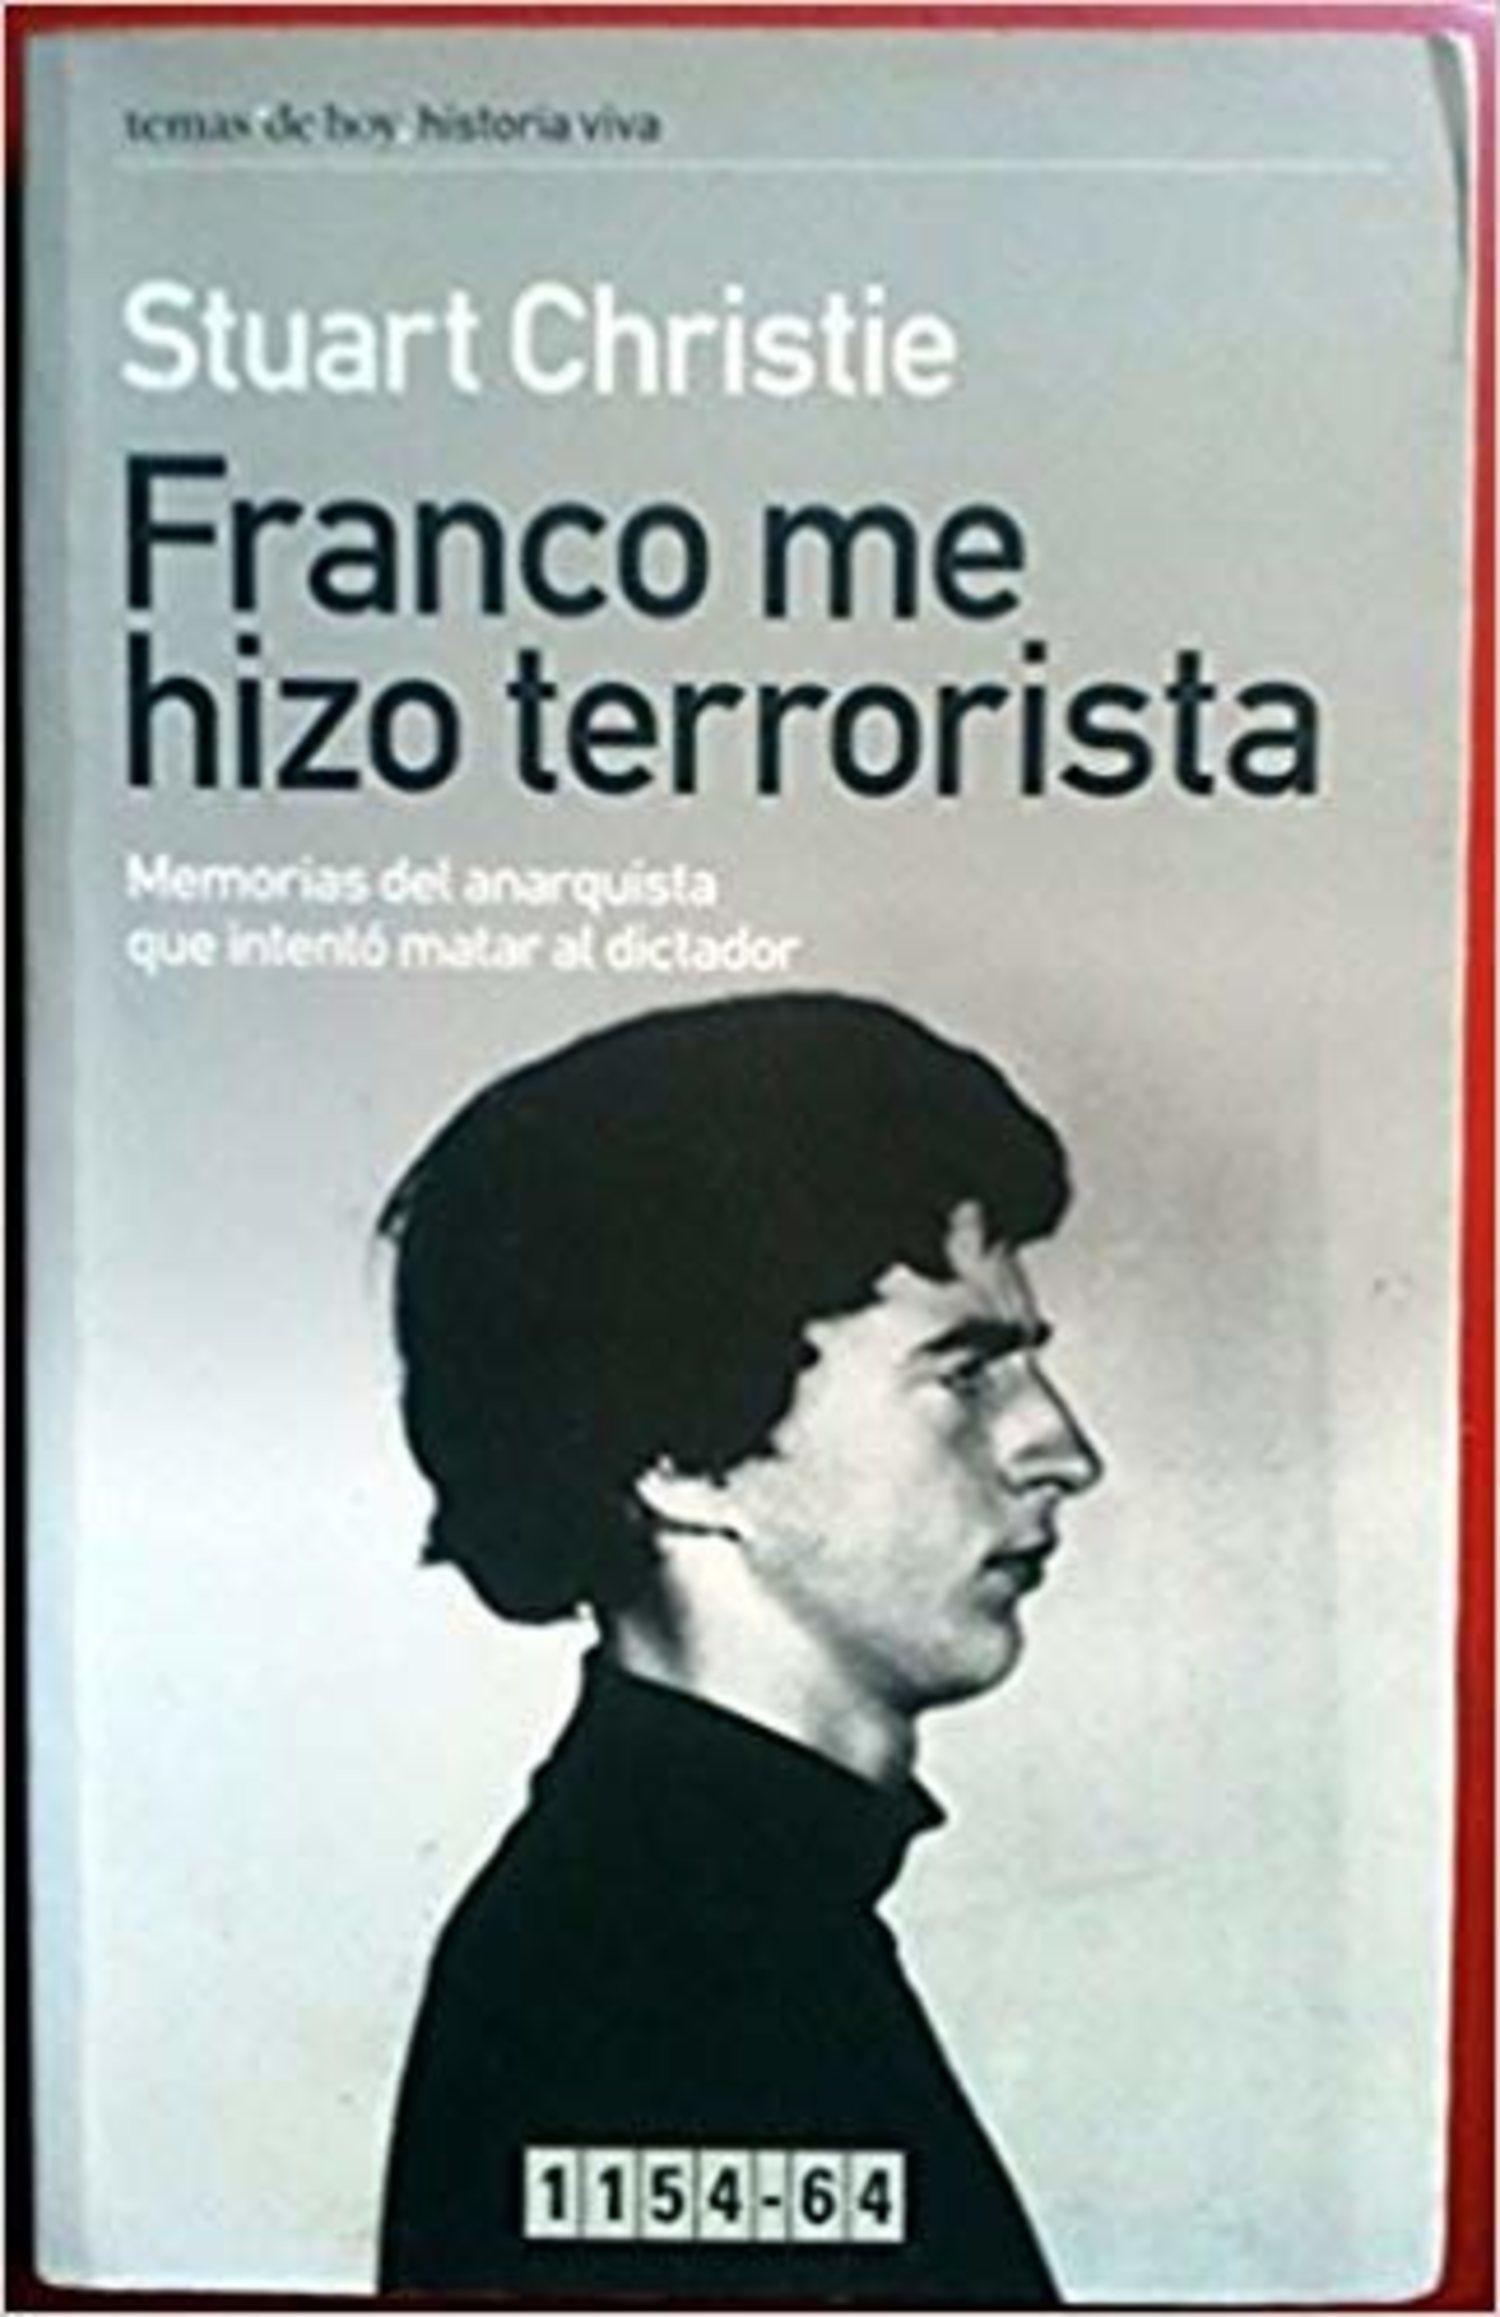 En 'Franco me hizo terrorista', Stuart Christie cuenta cómo se desarrolló la misión y su experiencia en la prisión de Carabanchel.